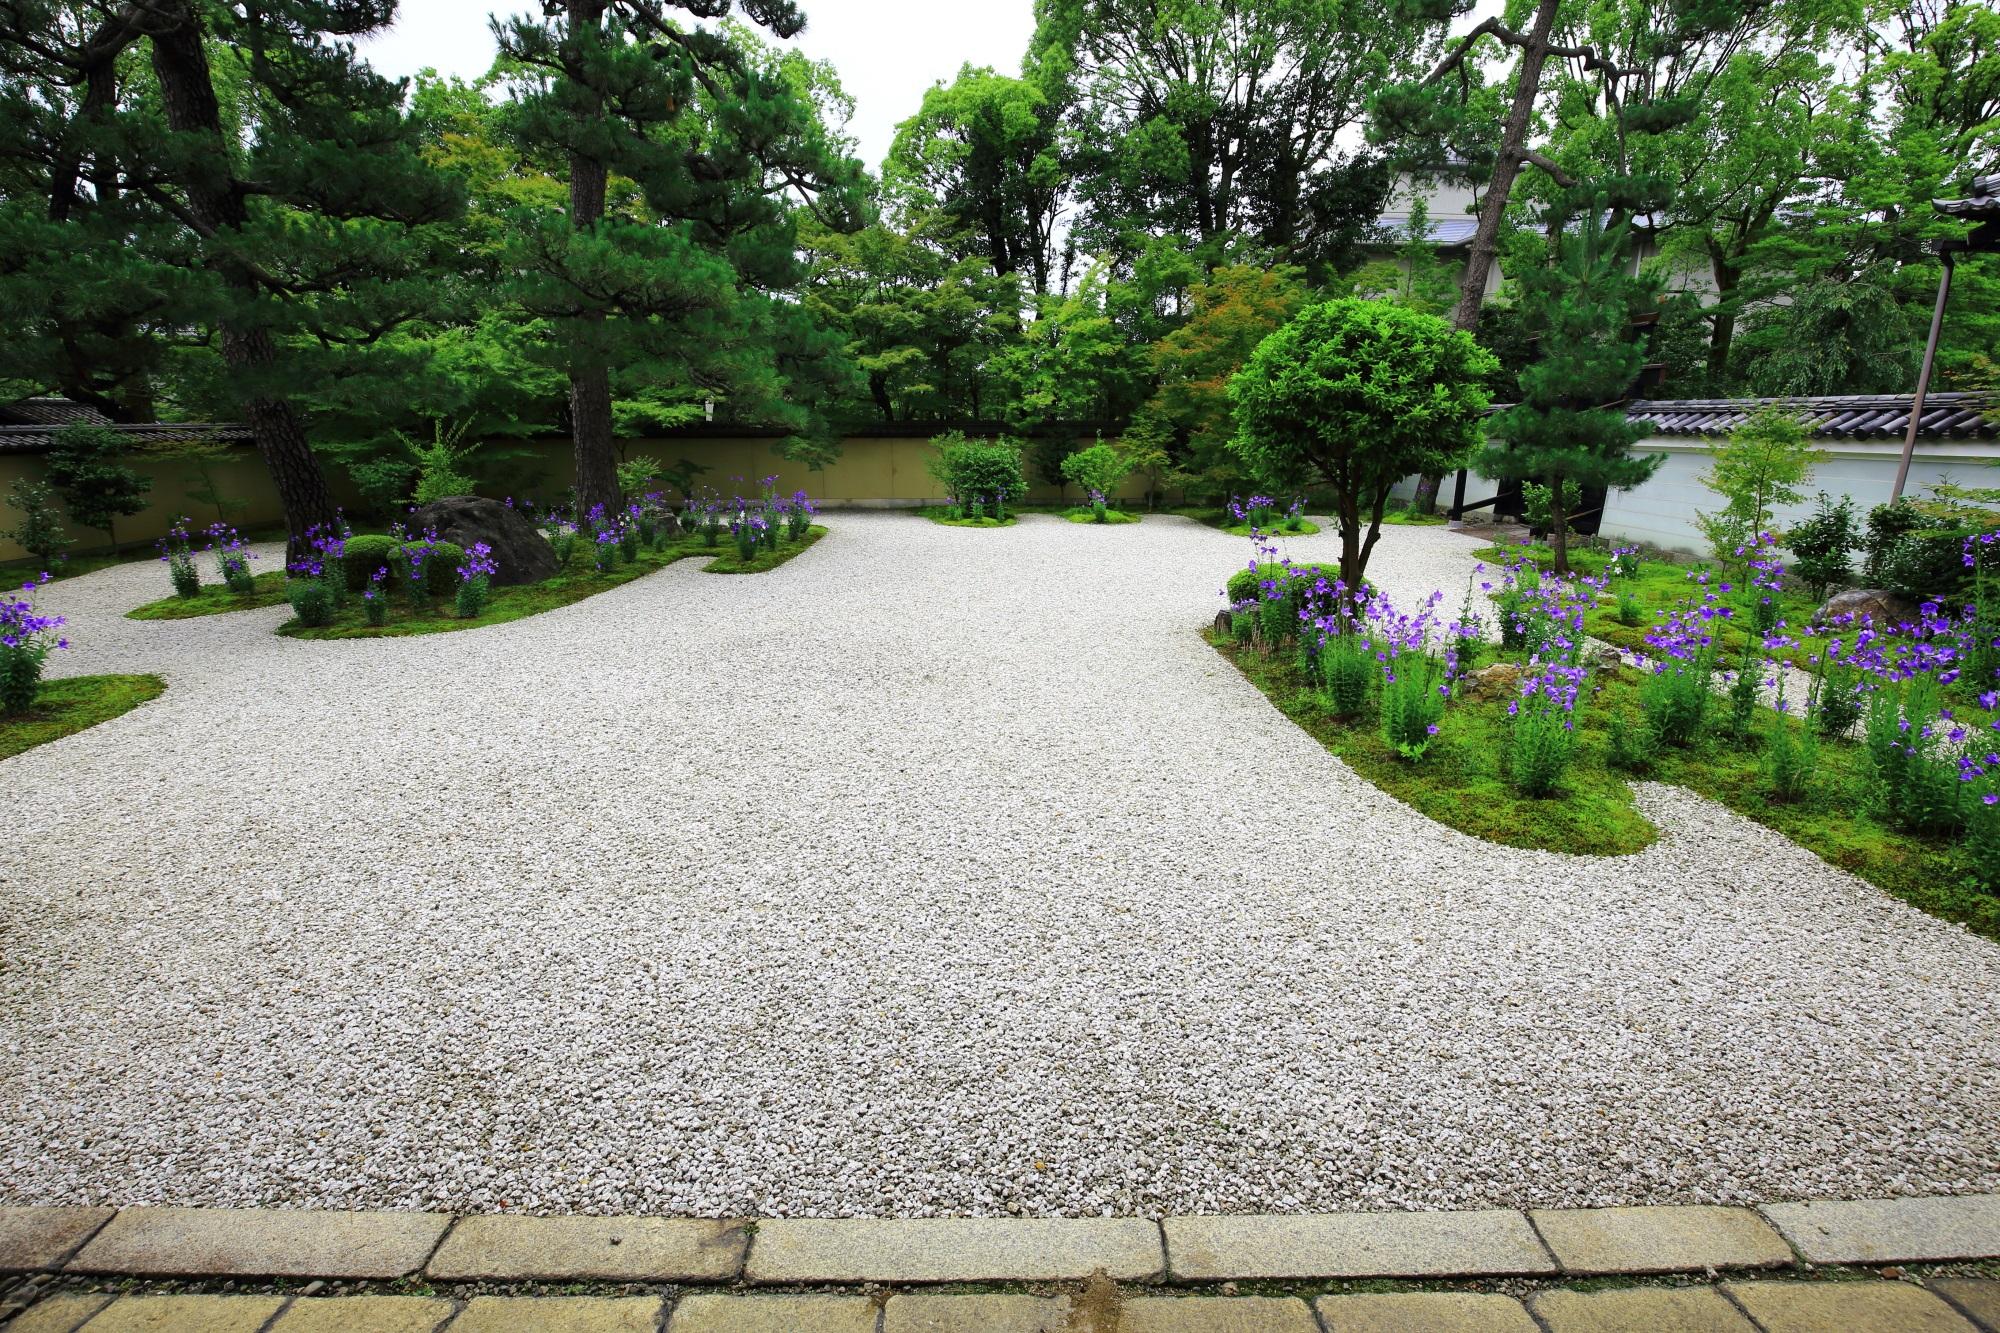 白砂と苔の枯山水庭園である廬山寺の源氏庭